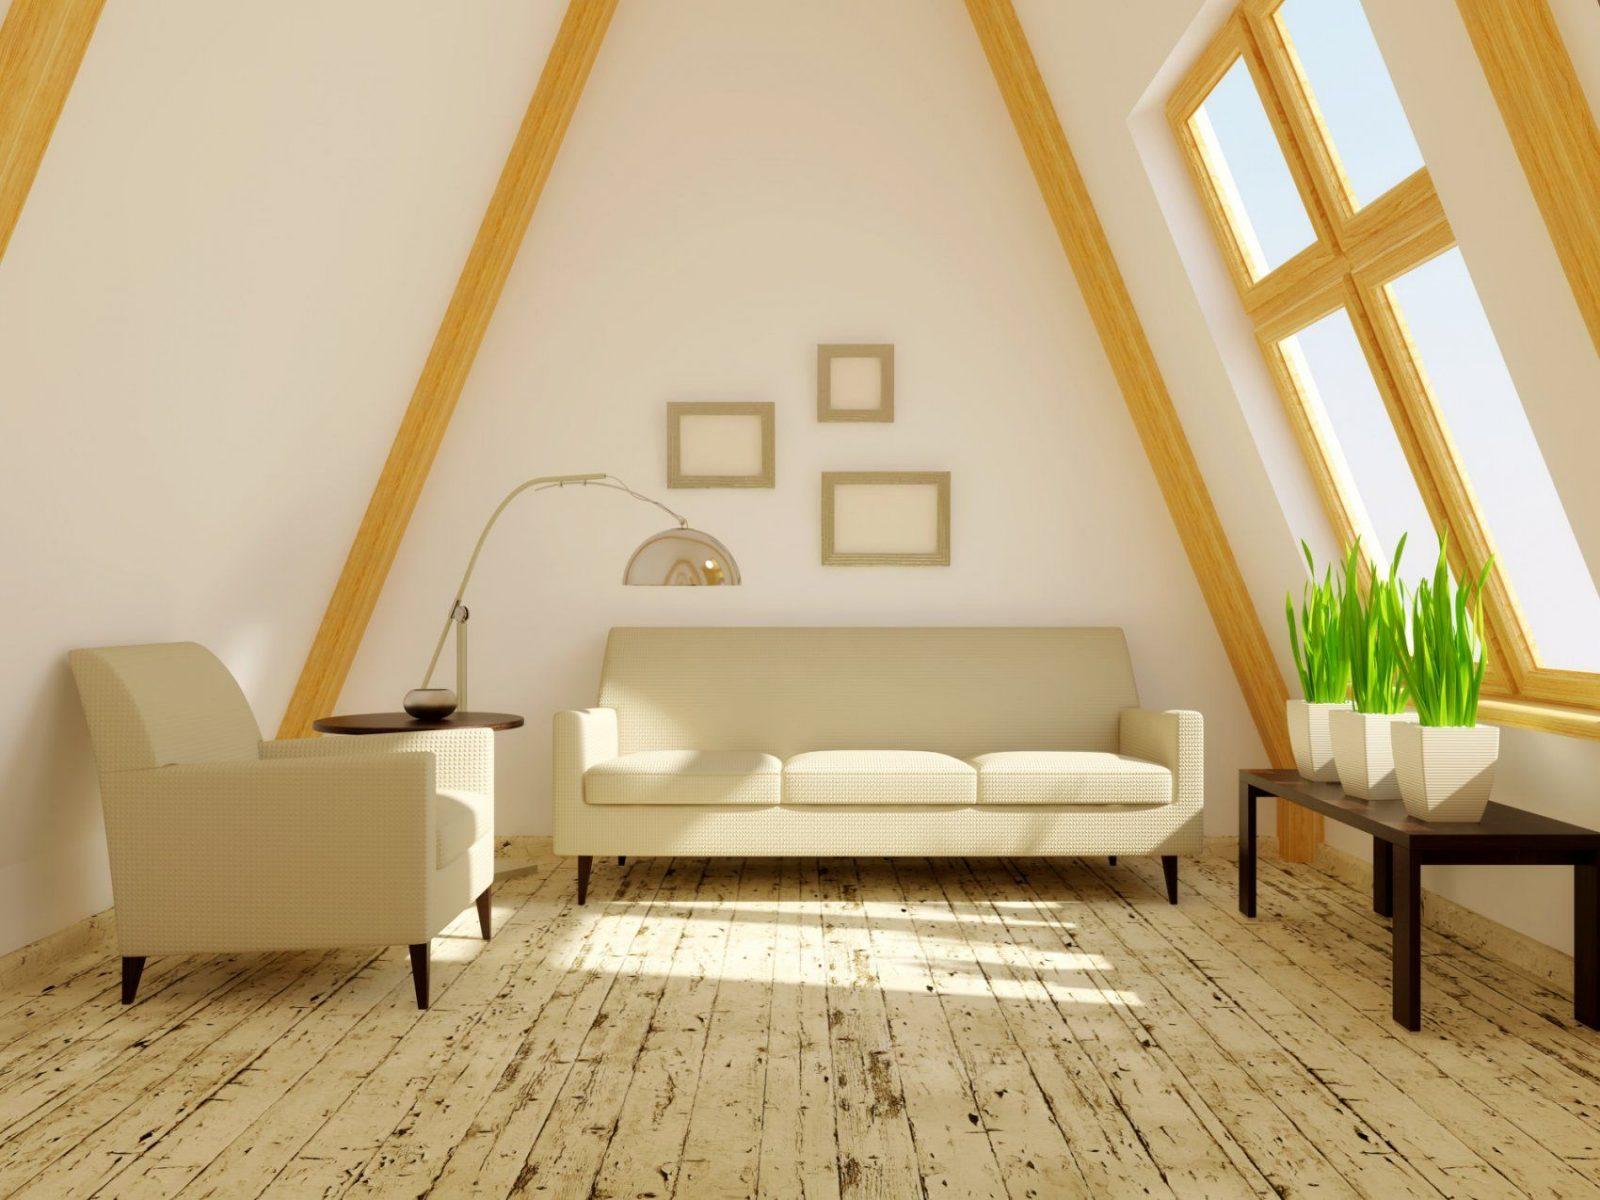 Ganz Schön Schräg 10 Tipps Wie Sie Räume Mit Dachschrägen Stilvoll von Farbgestaltung Kinderzimmer Mit Dachschräge Bild